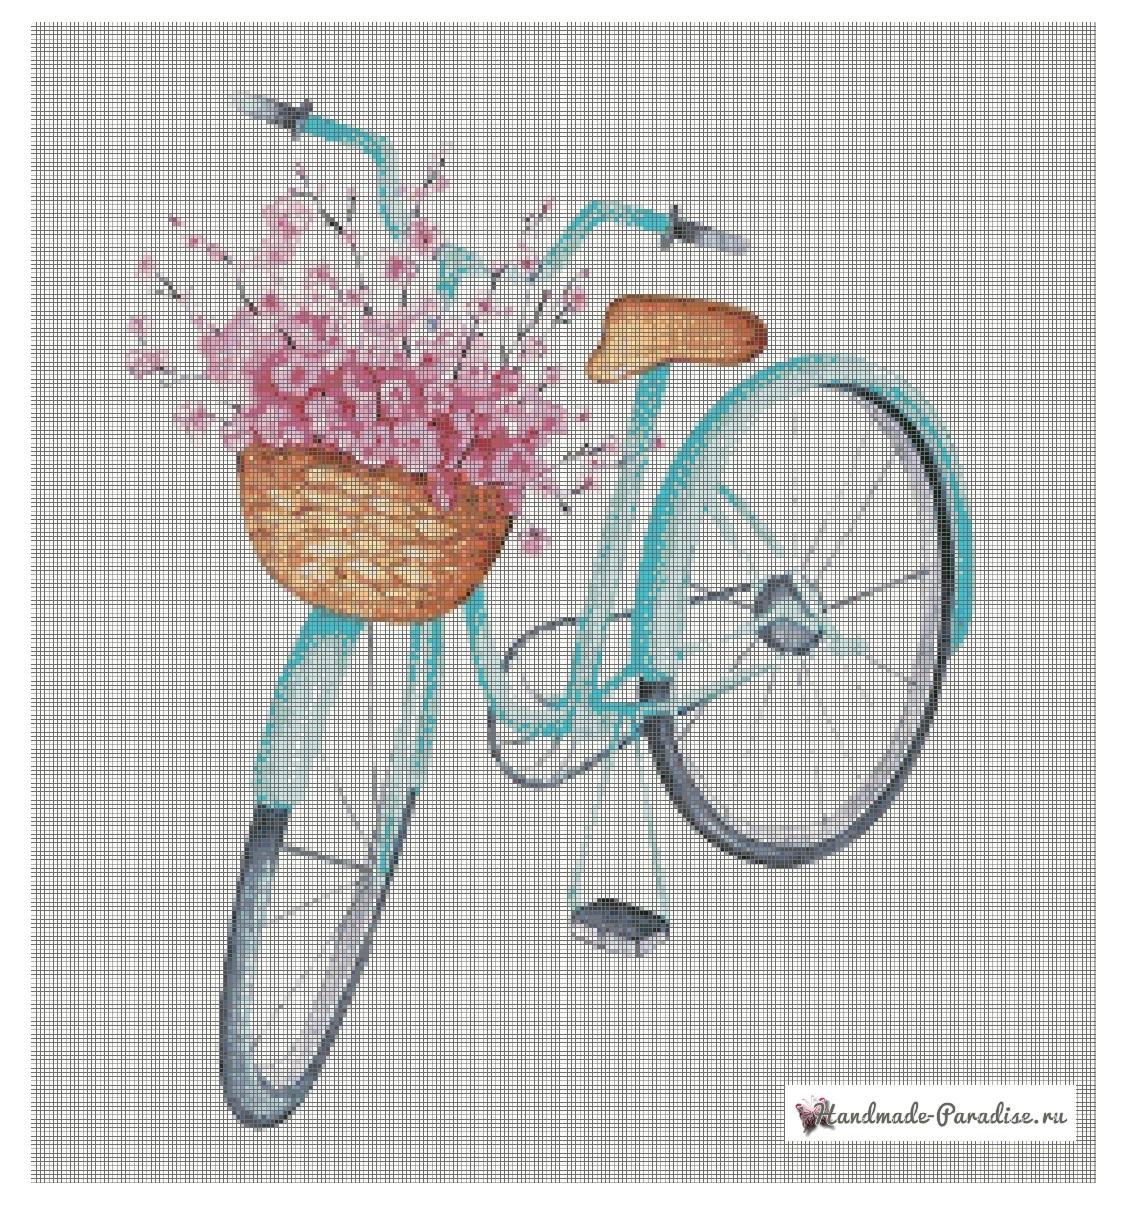 Велосипед с корзиной цветов - схемы вышивки крестом (6)